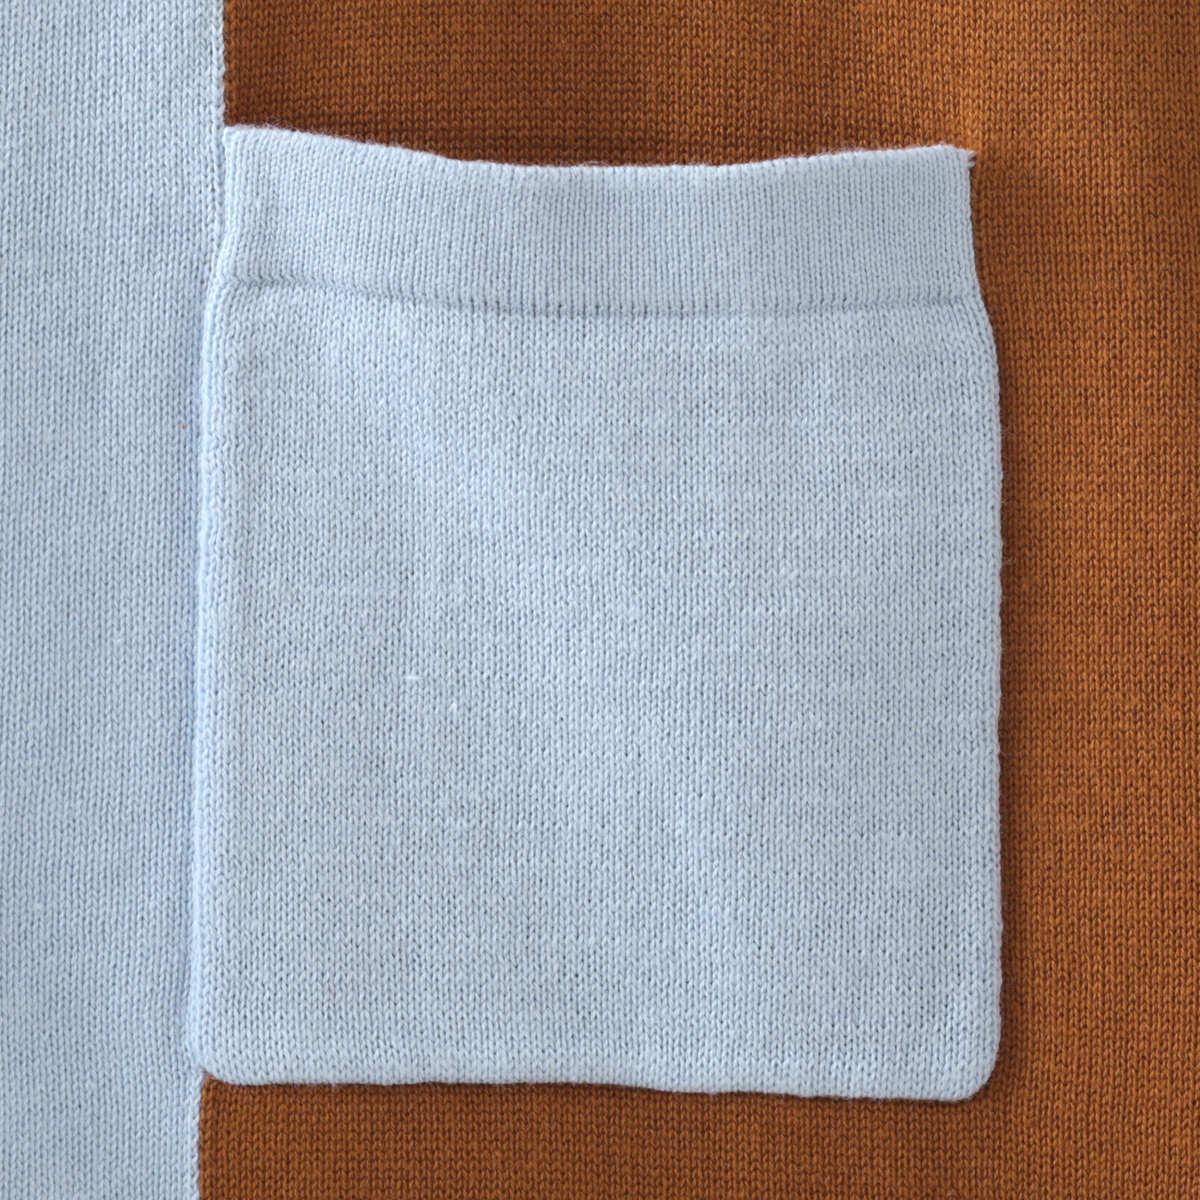 メルクロンドン メンズ ポロシャツ ポロ ニット 切替 Merc London 2色 ダークブルー スカイ モッズファッション